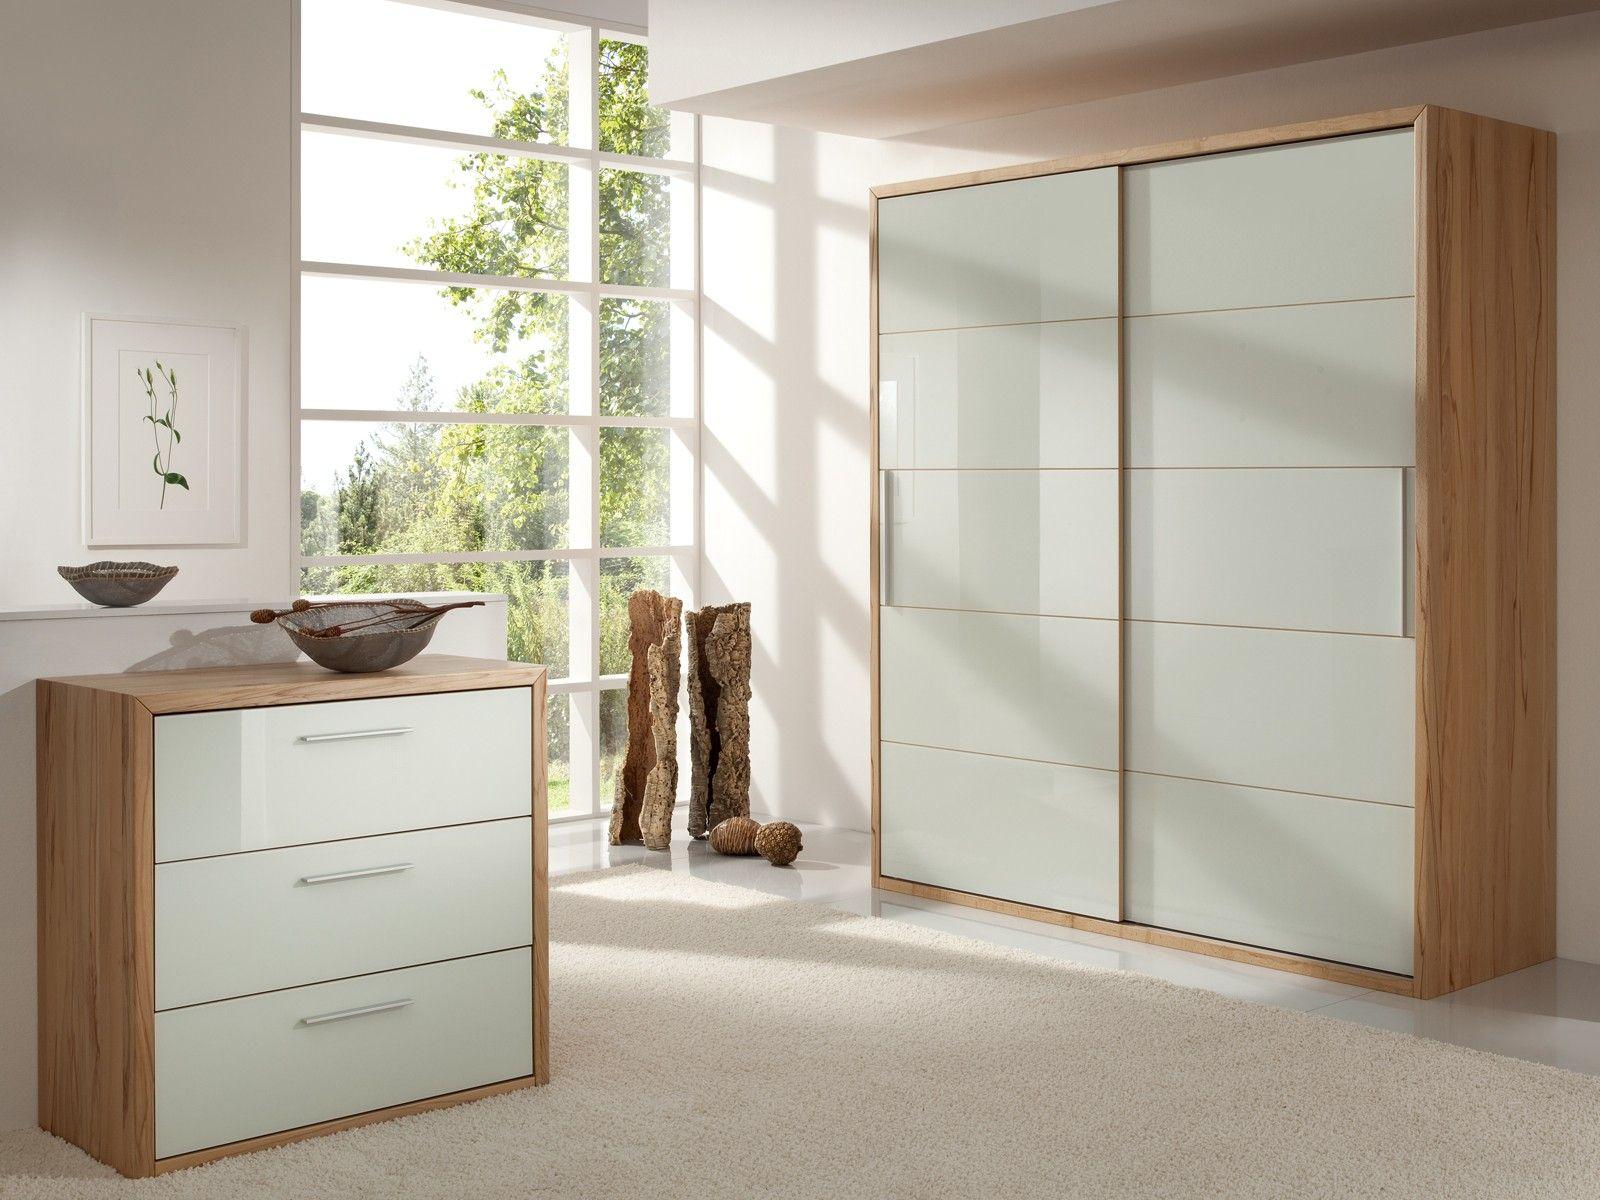 schiebetÜrenschrank cube - modern solid wood wardrobe | bettkonzept